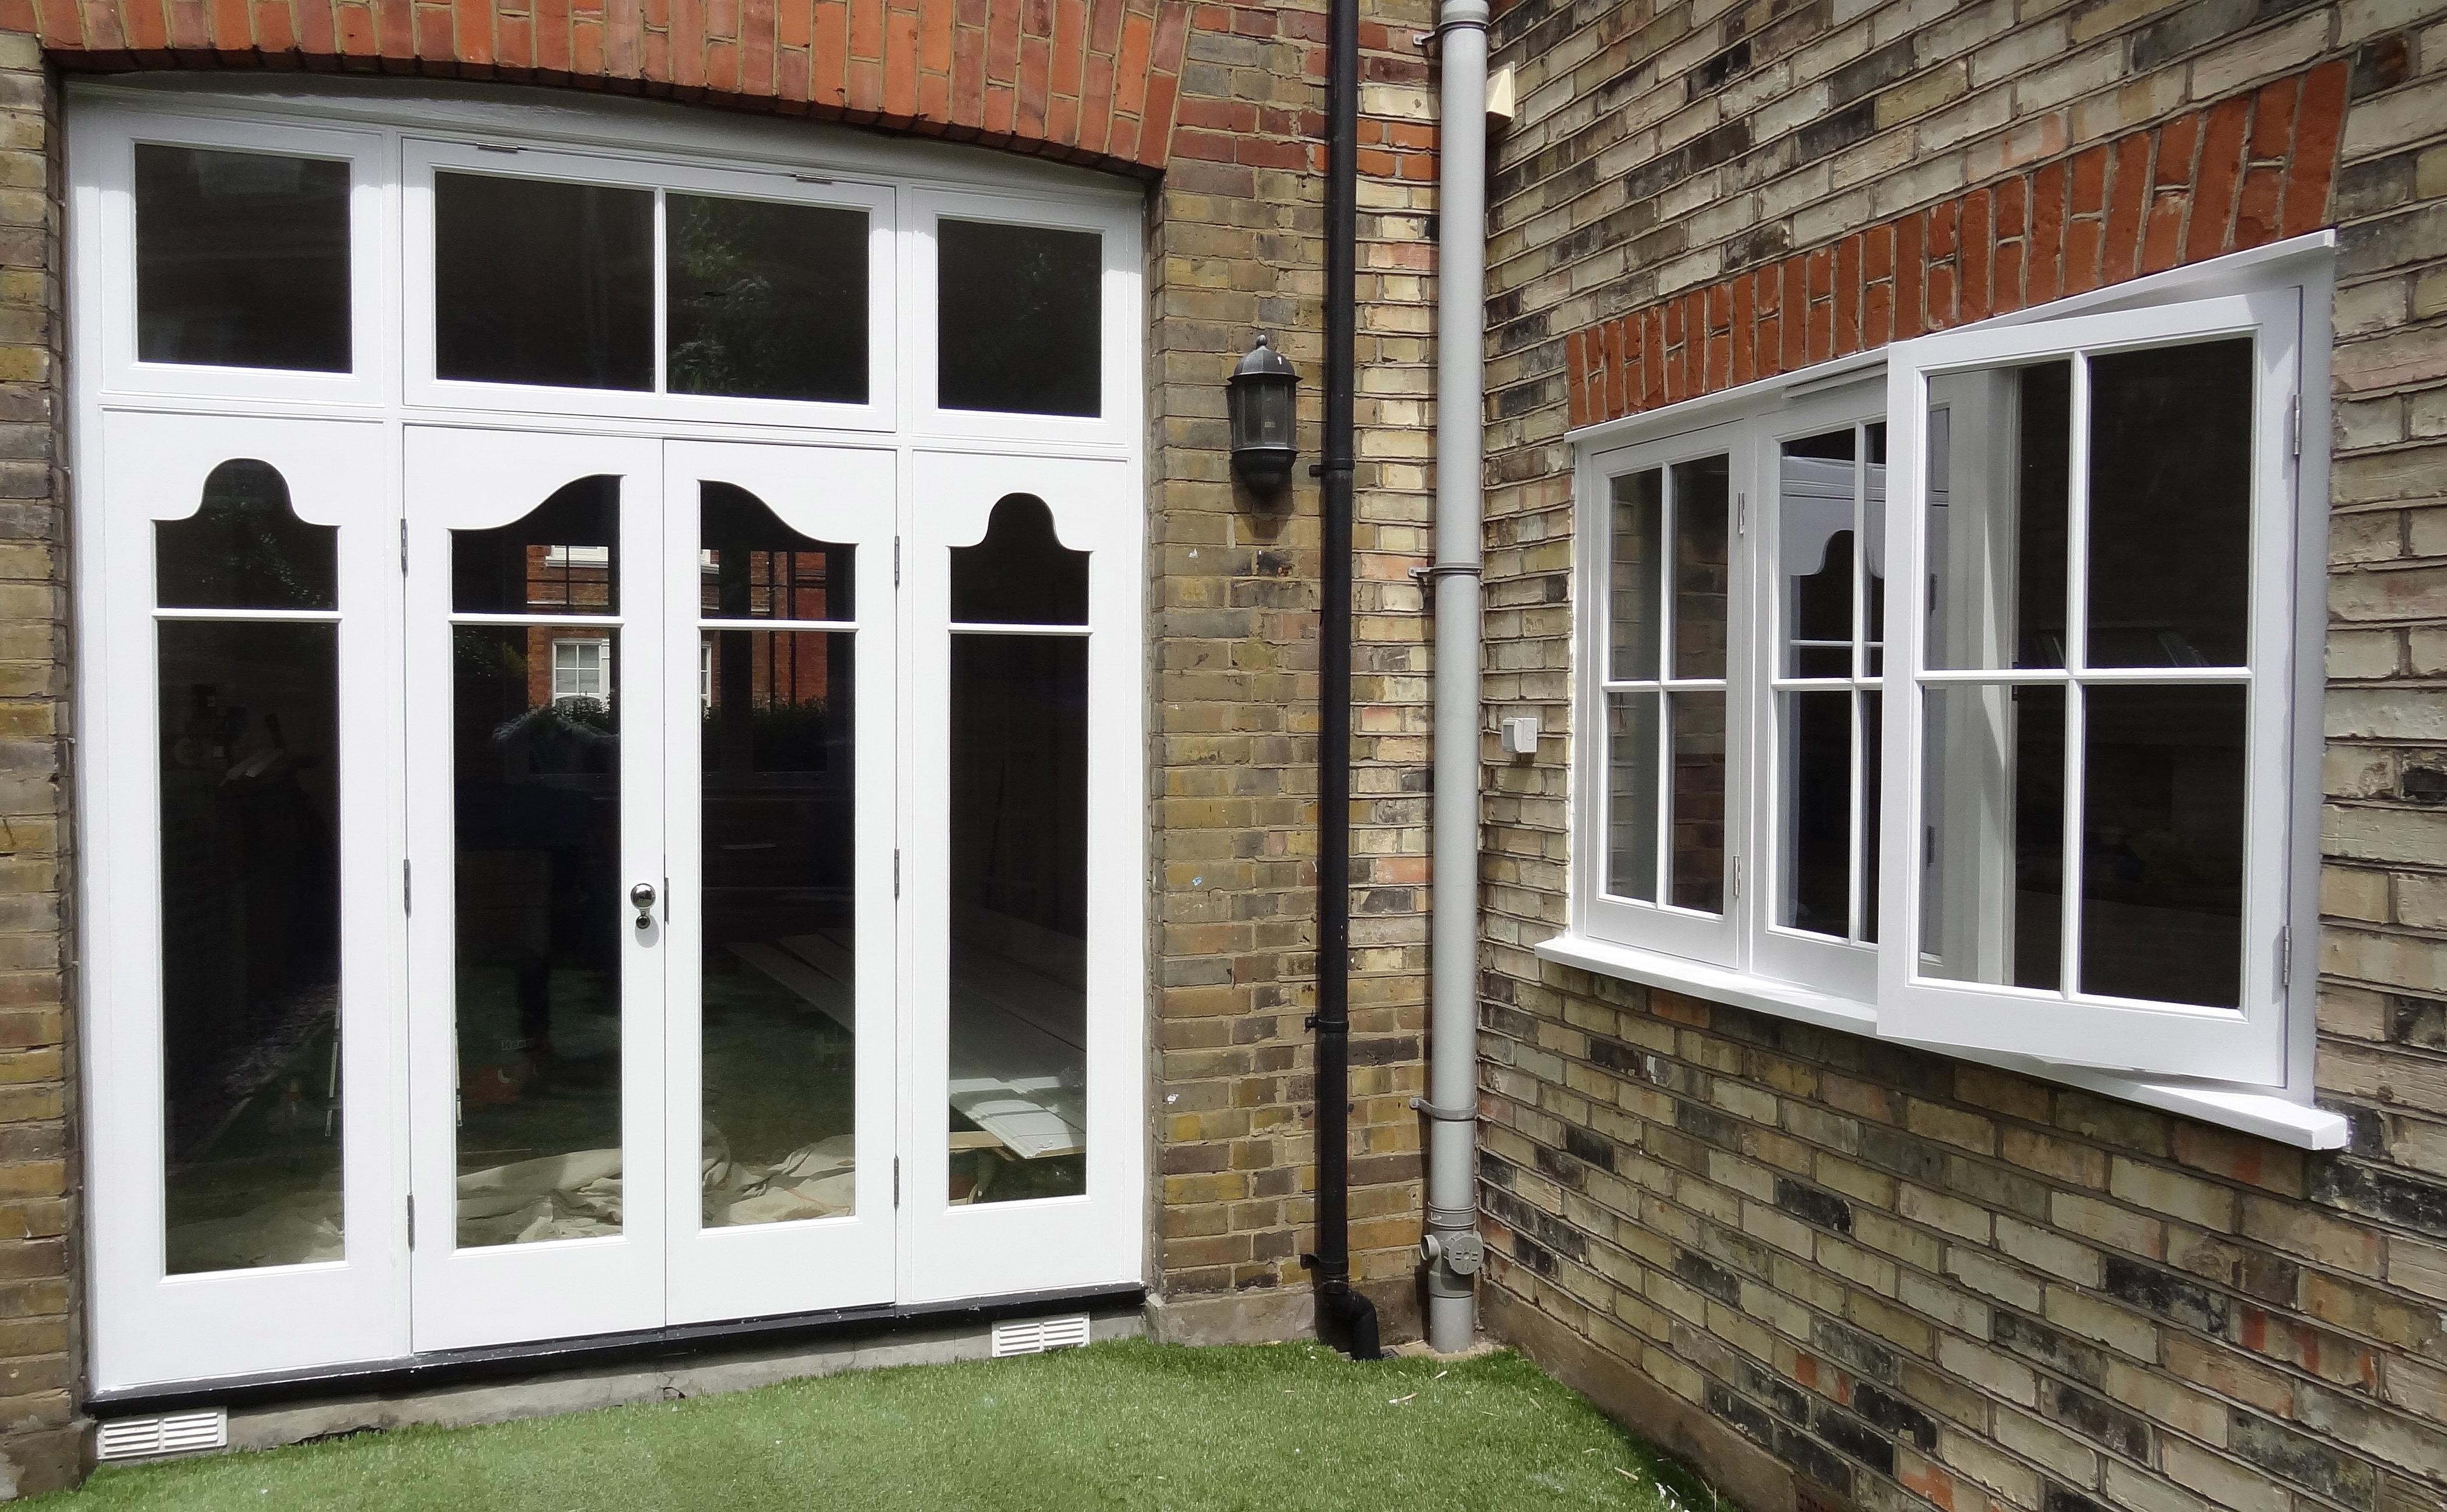 sash window renovation service. Black Bedroom Furniture Sets. Home Design Ideas